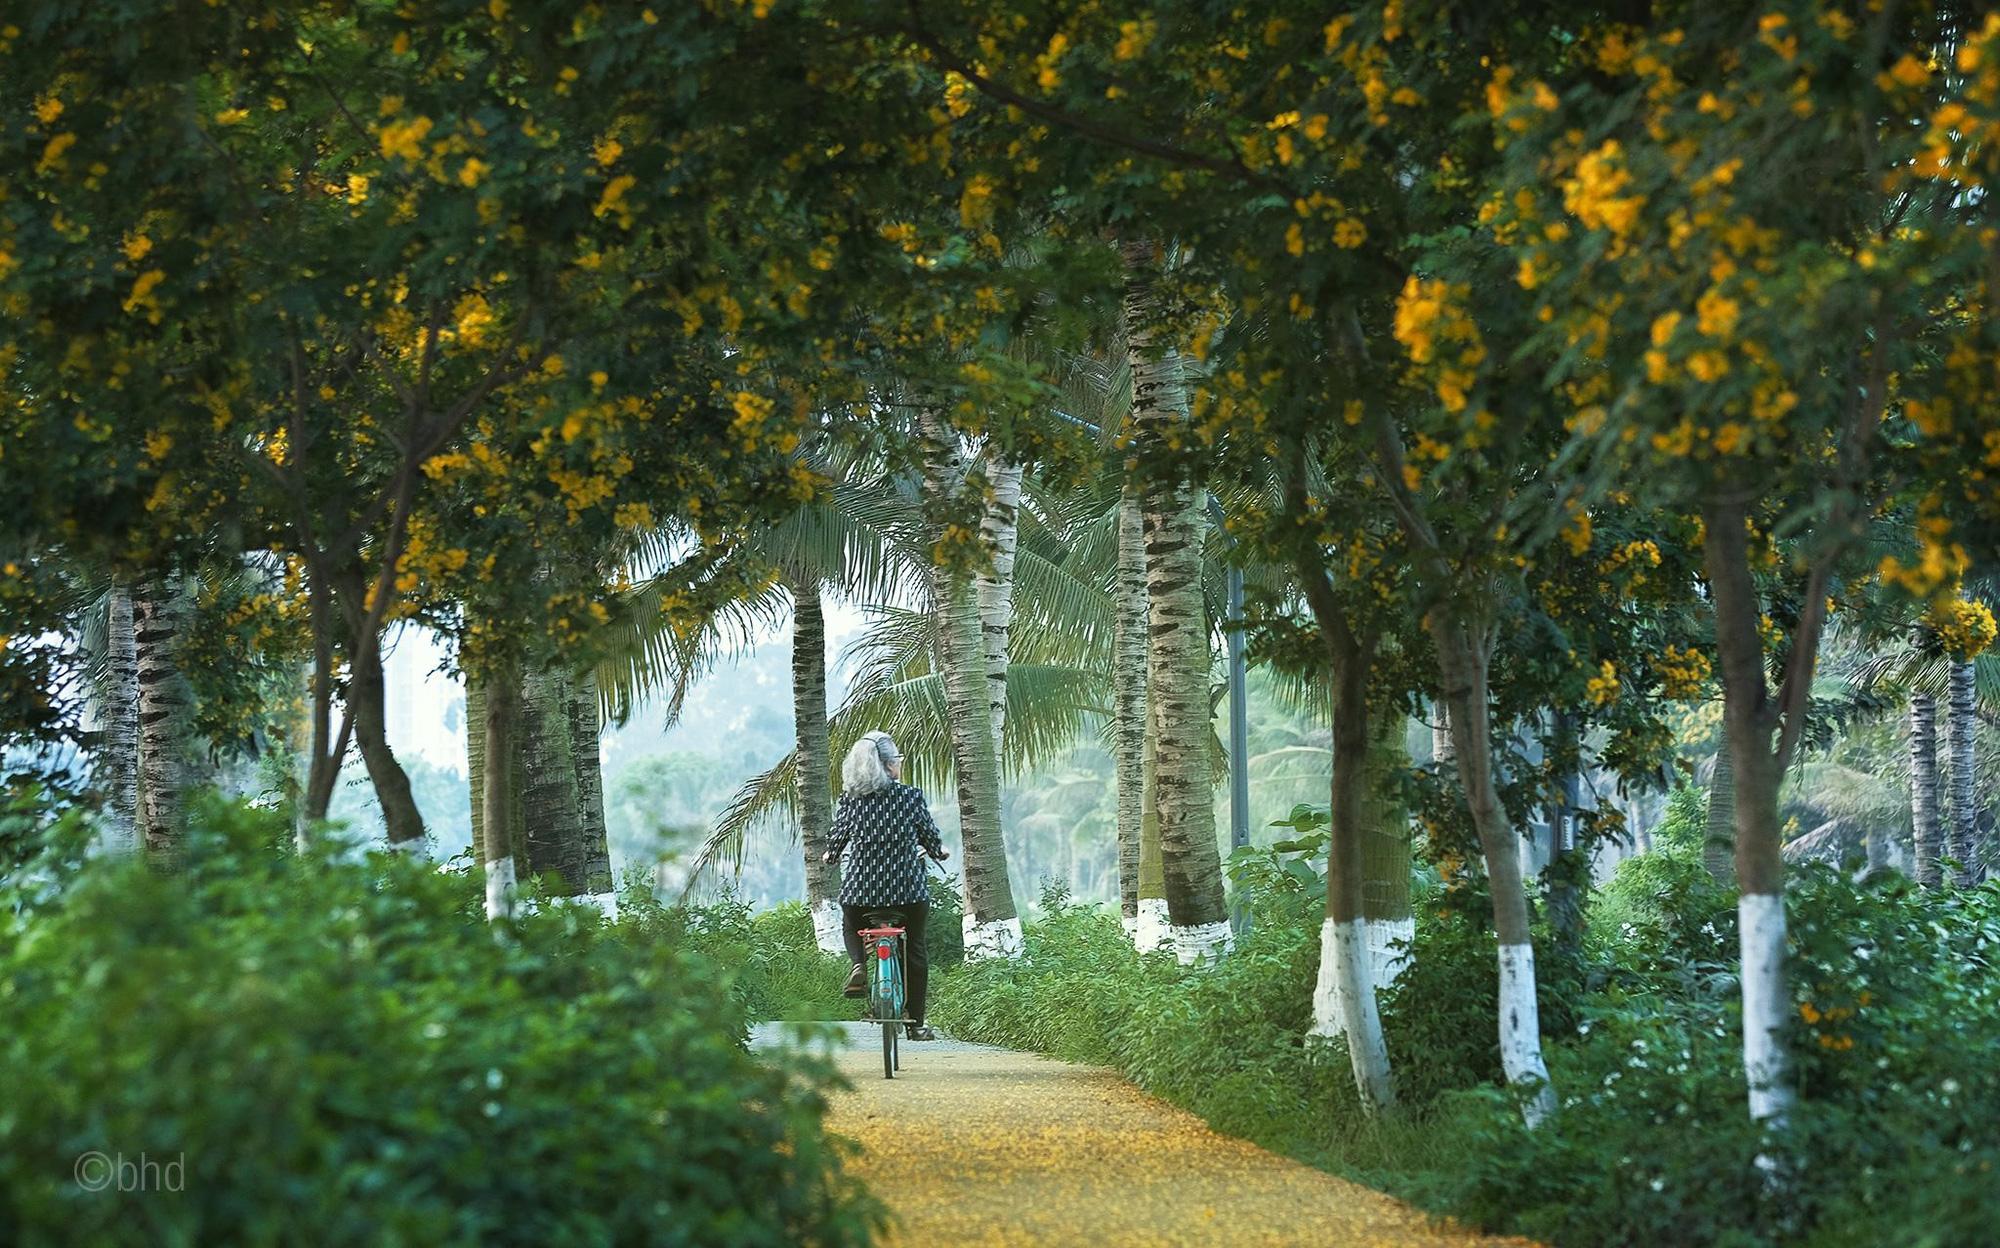 Ngắm bình minh đẹp như tranh vẽ tại khu đô thị xanh Ecopark - Ảnh 12.